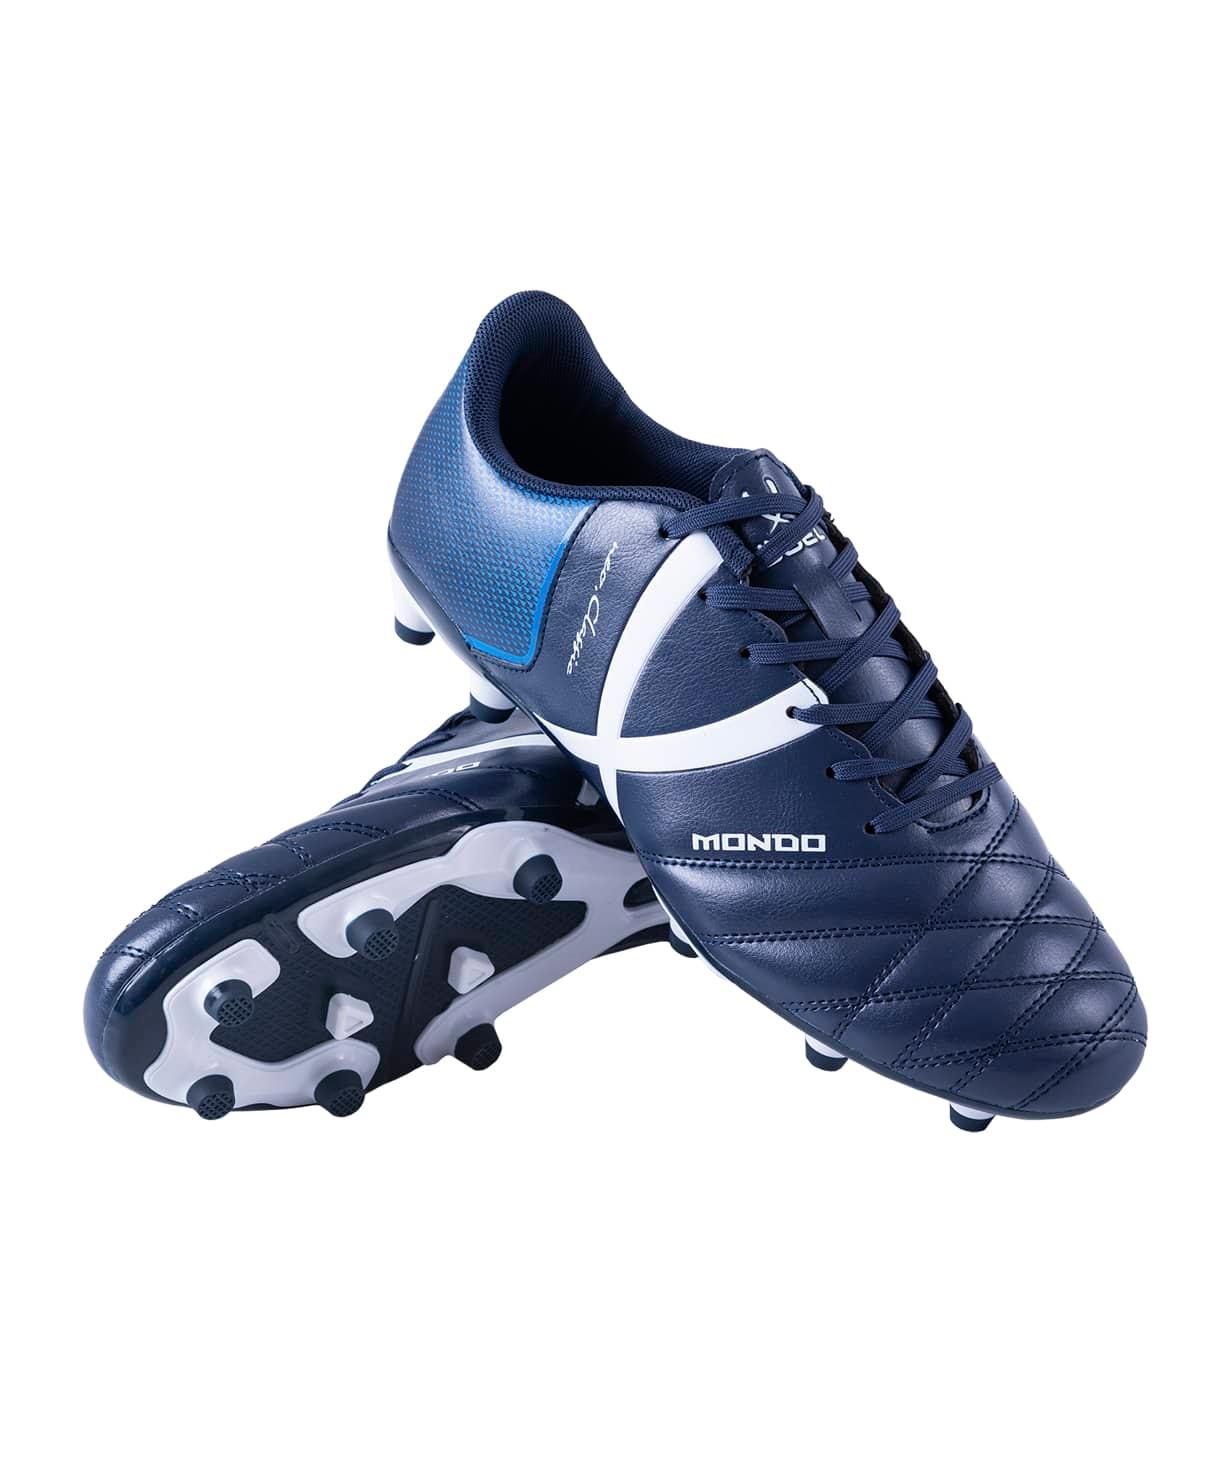 Бутсы футбольные Mondo JSH202, темно-синий, р. 41-45